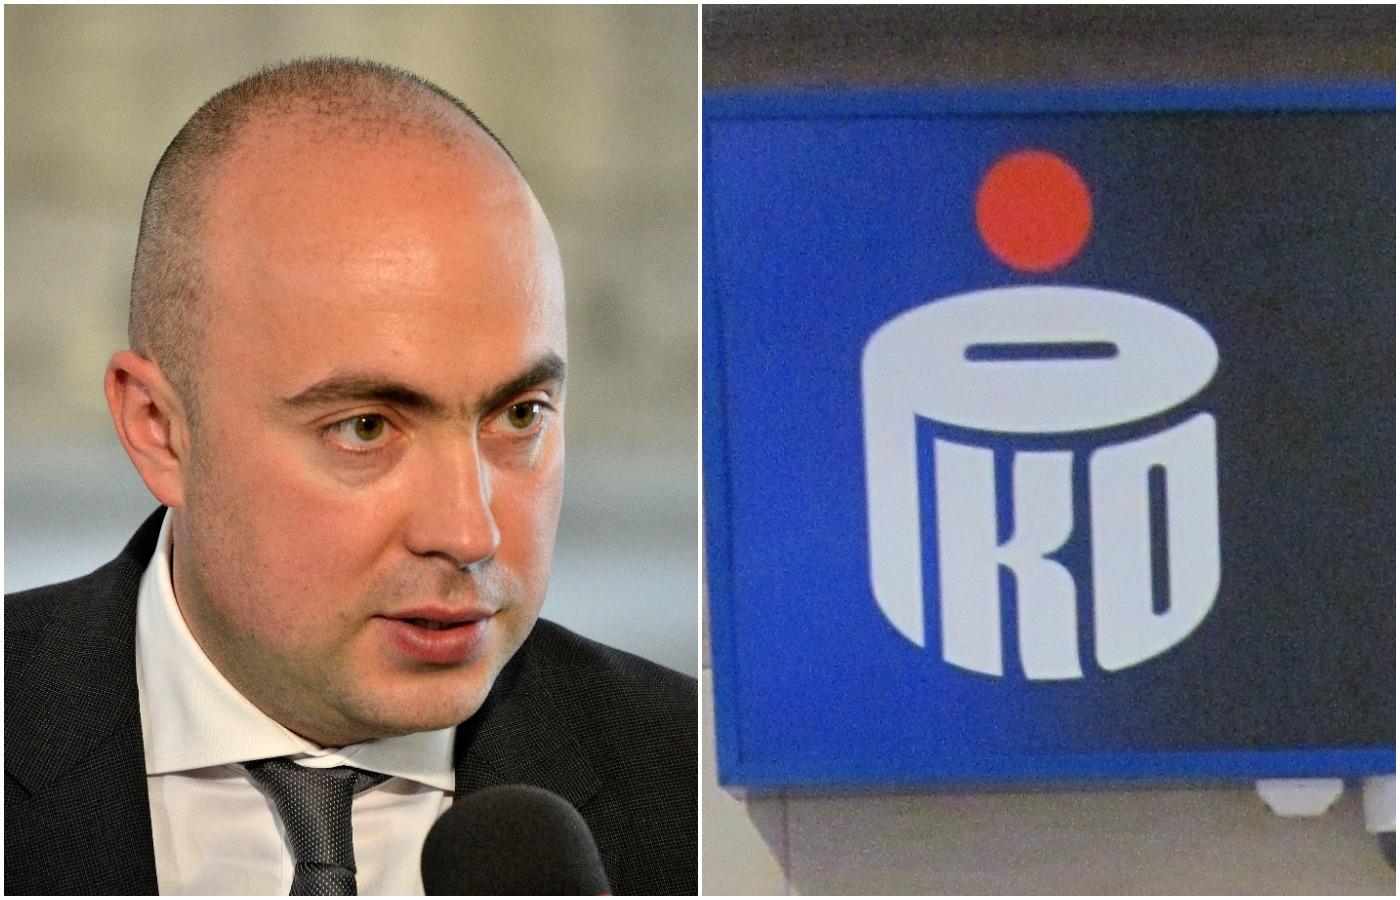 Poseł PiS zostanie nowym wiceprezesem PKO BP. Zwolennicy opozycji oburzeni